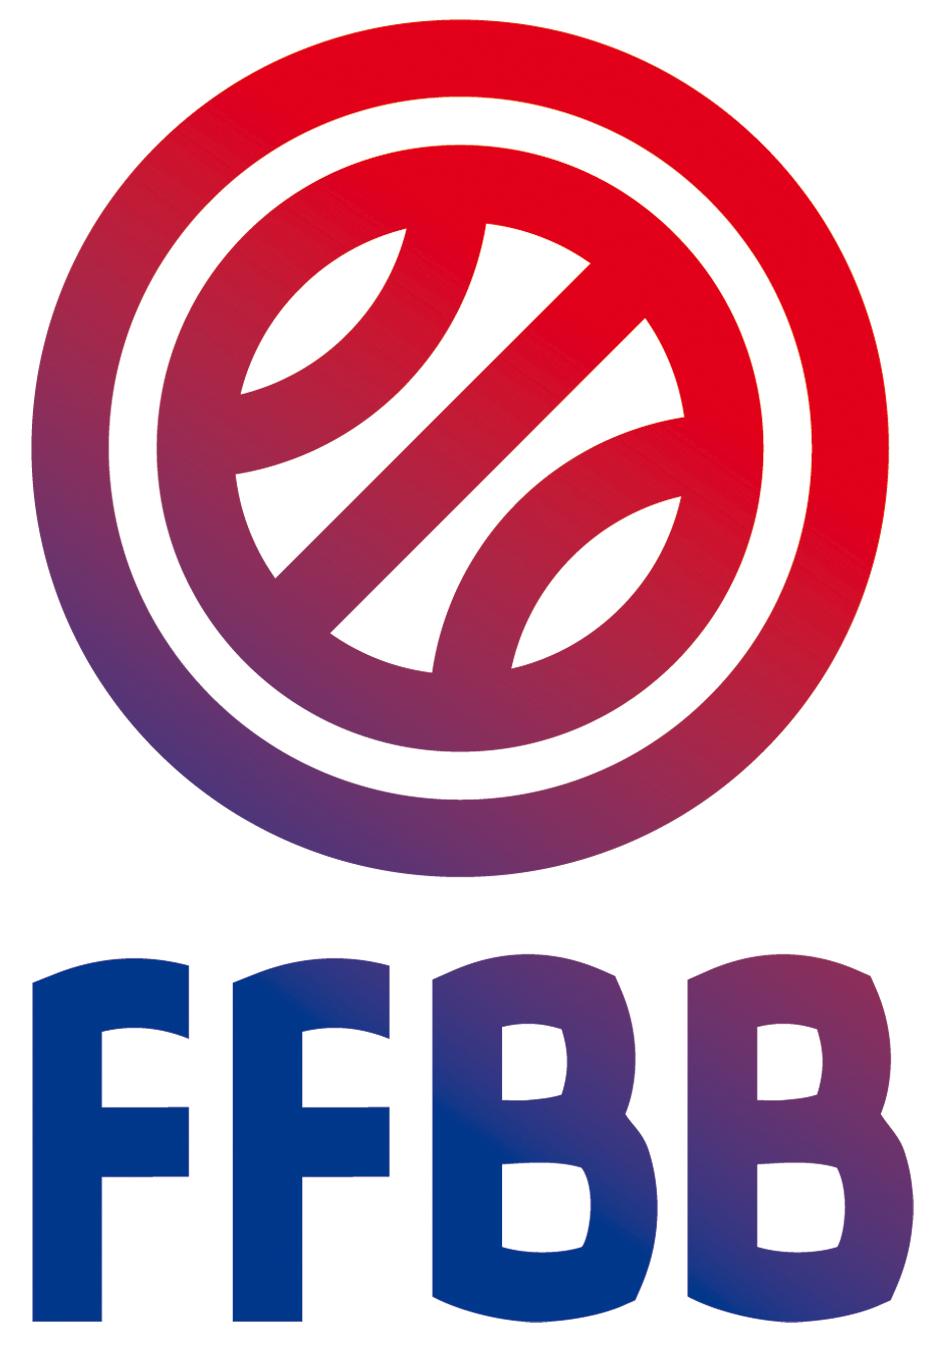 FFBB_2010_(logo).png